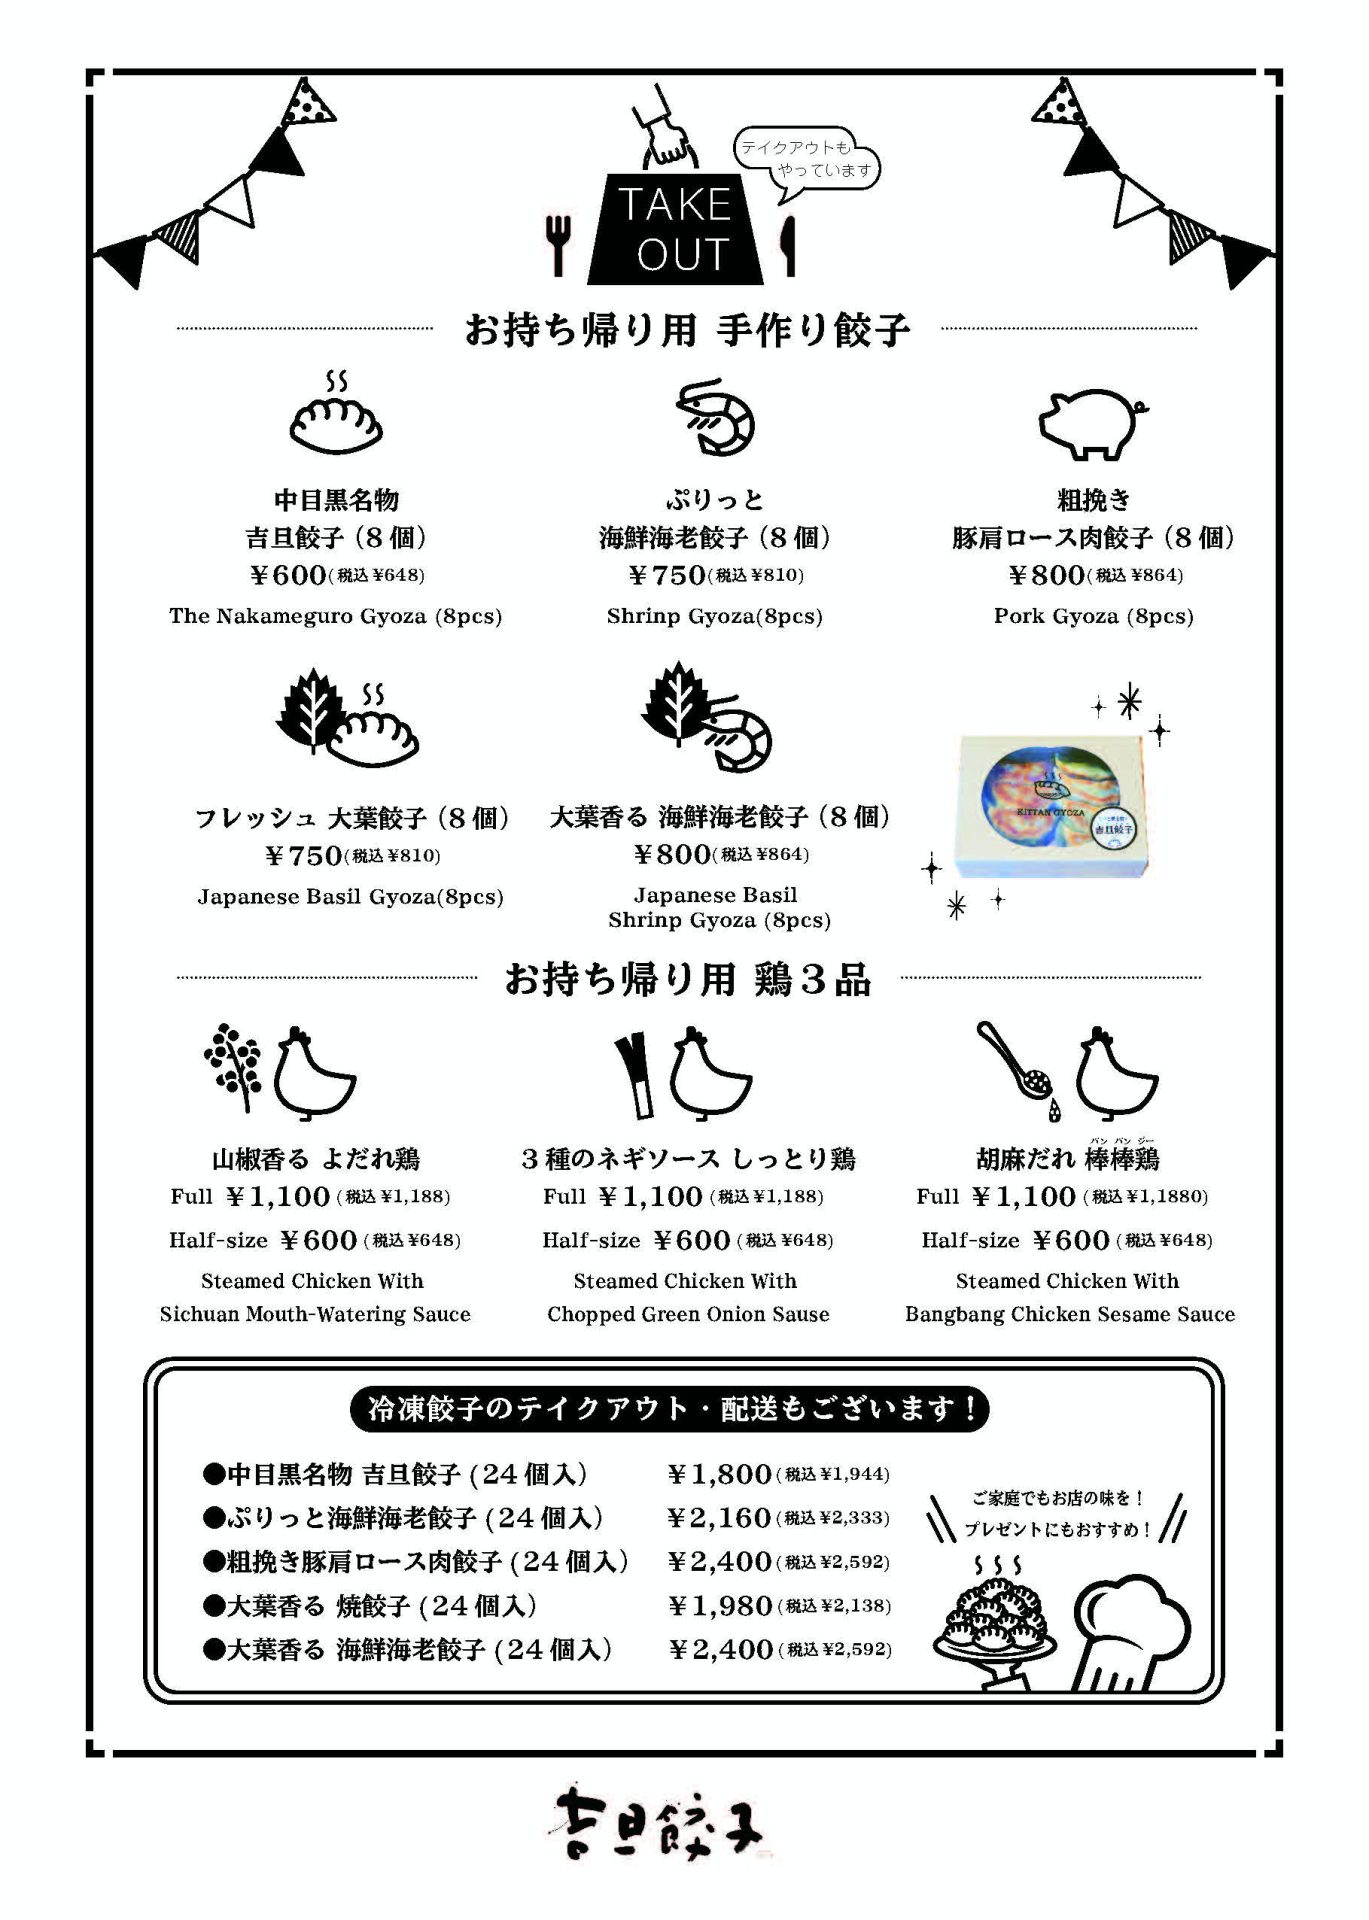 中目黒 吉旦餃子 テイクアウト 冷凍餃子メニュー